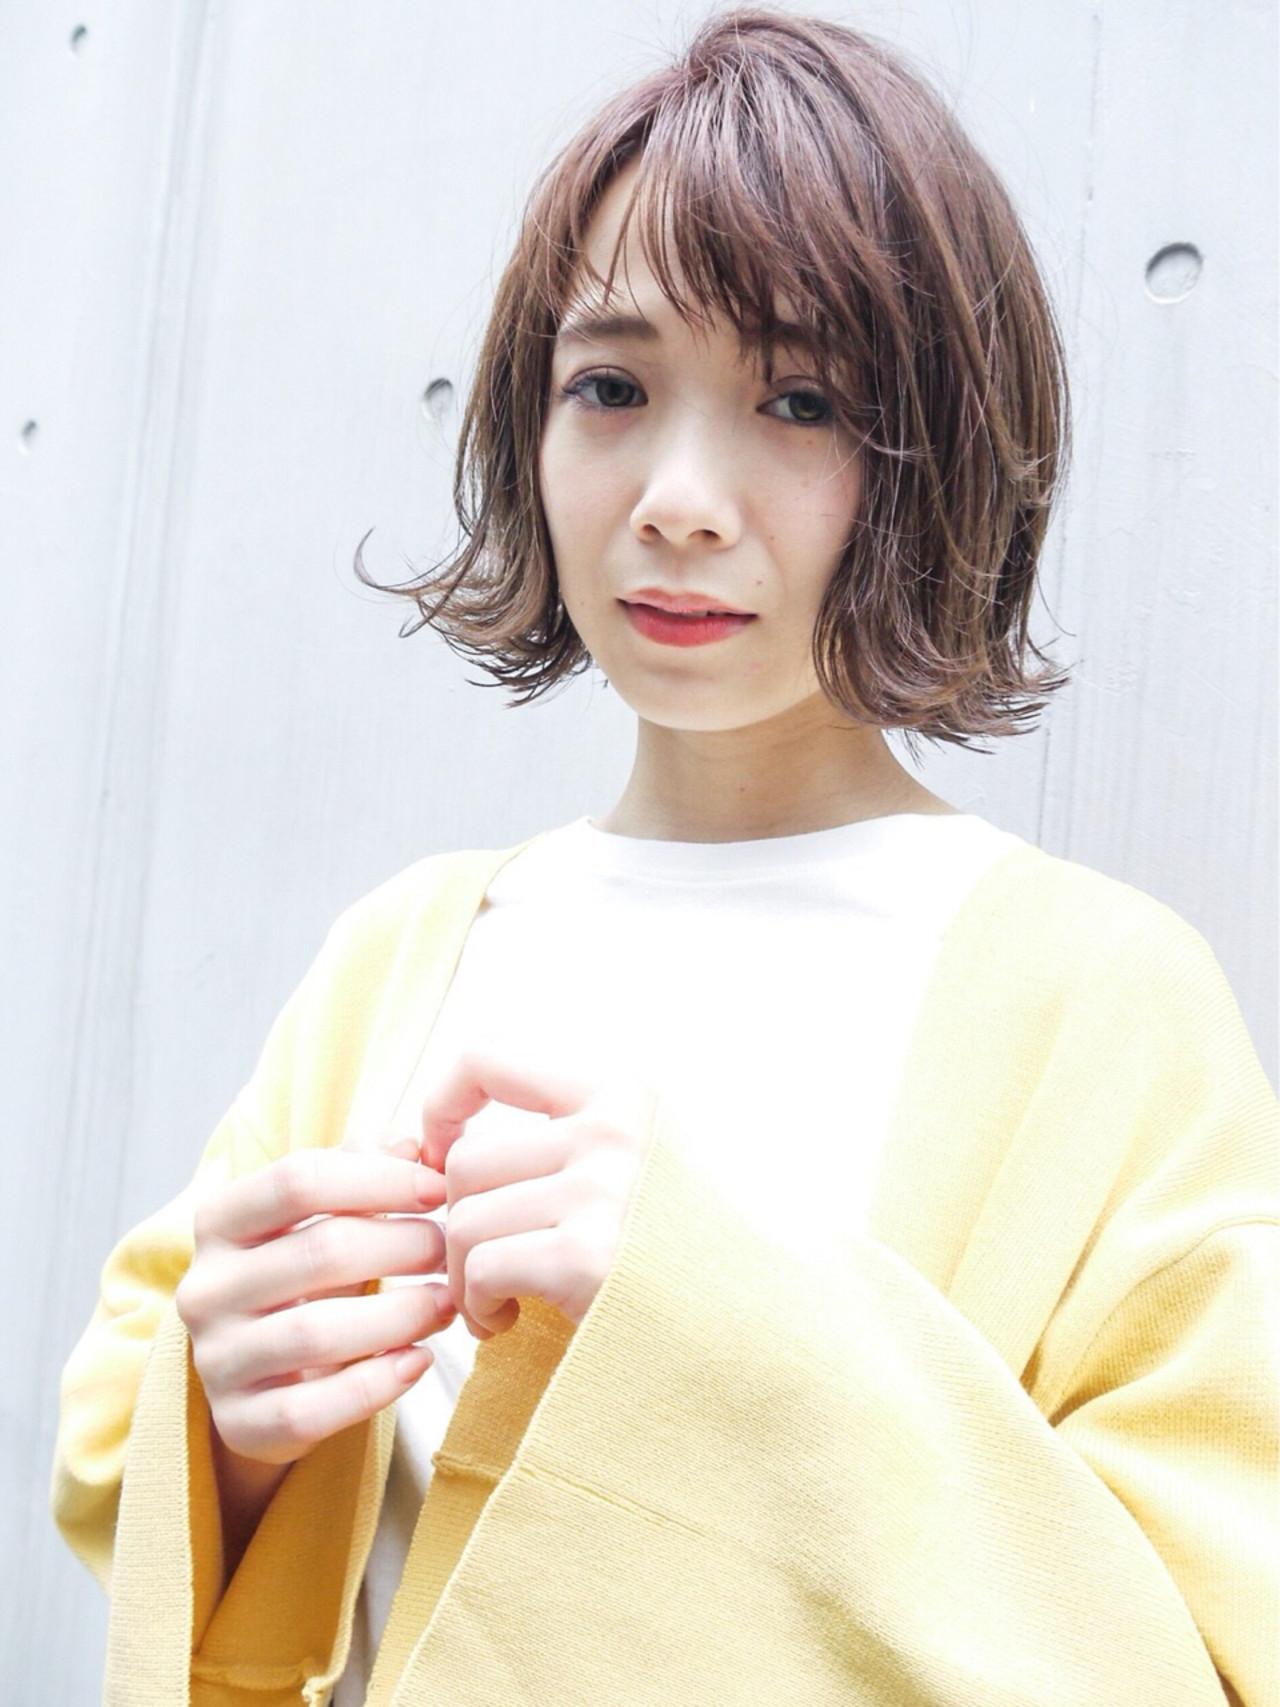 ゆるふわ ボブ ショートボブ 大人かわいい ヘアスタイルや髪型の写真・画像   HIROKI / roijir / roijir